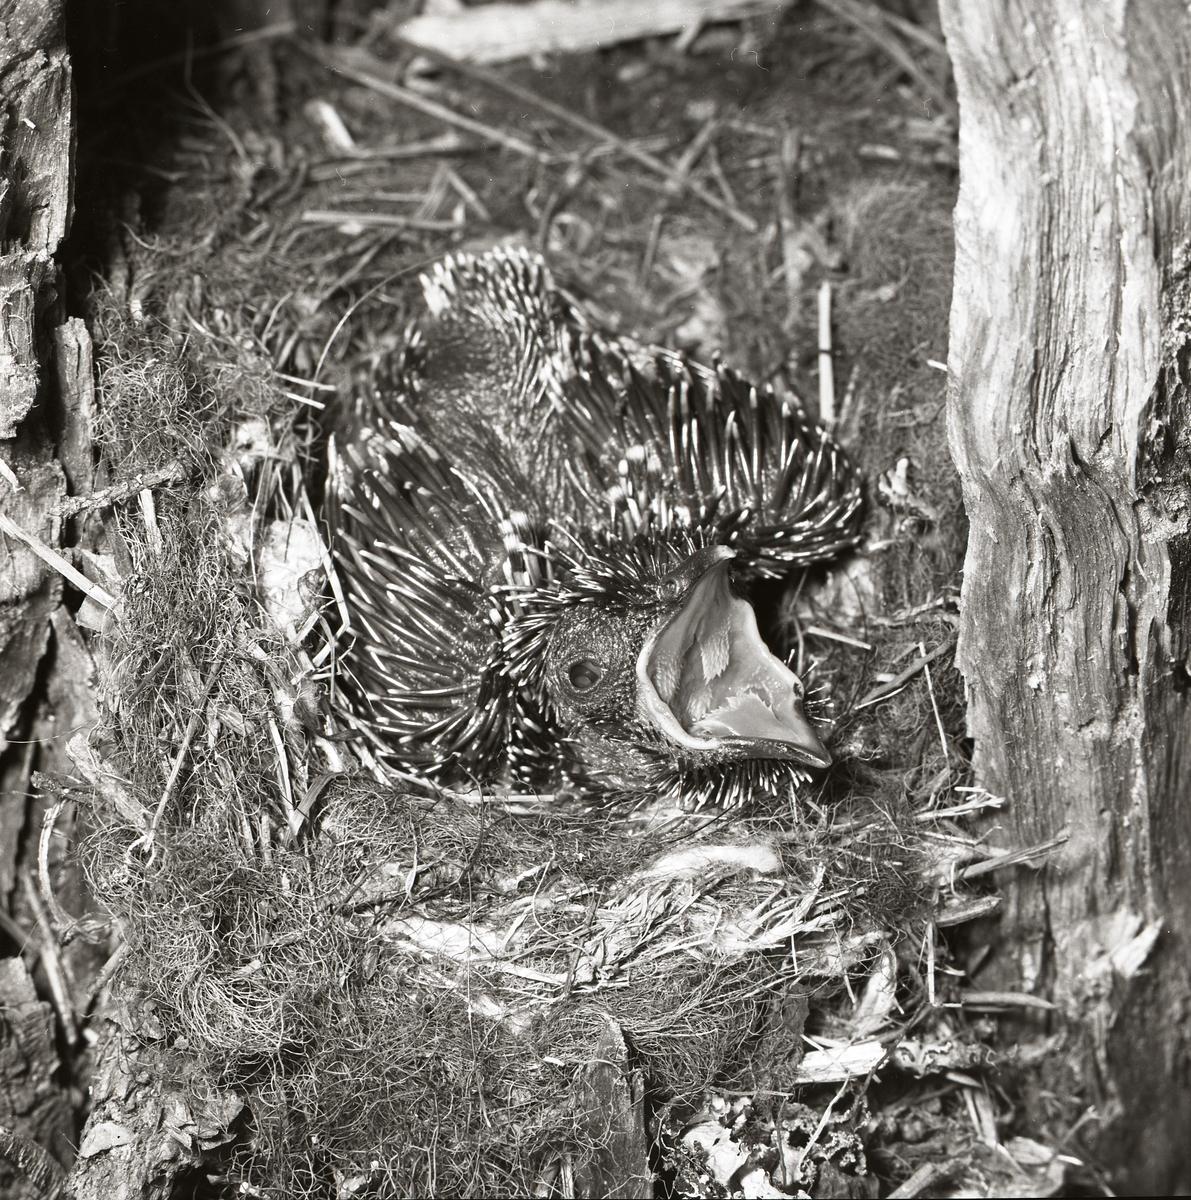 Nio dygn gammal är gökungen som ligger i fågelboet och ropar efter mat. Ungen har fått begynnande fjäderdräkt och den stora fågelungen tar upp nästan all plats i boet.